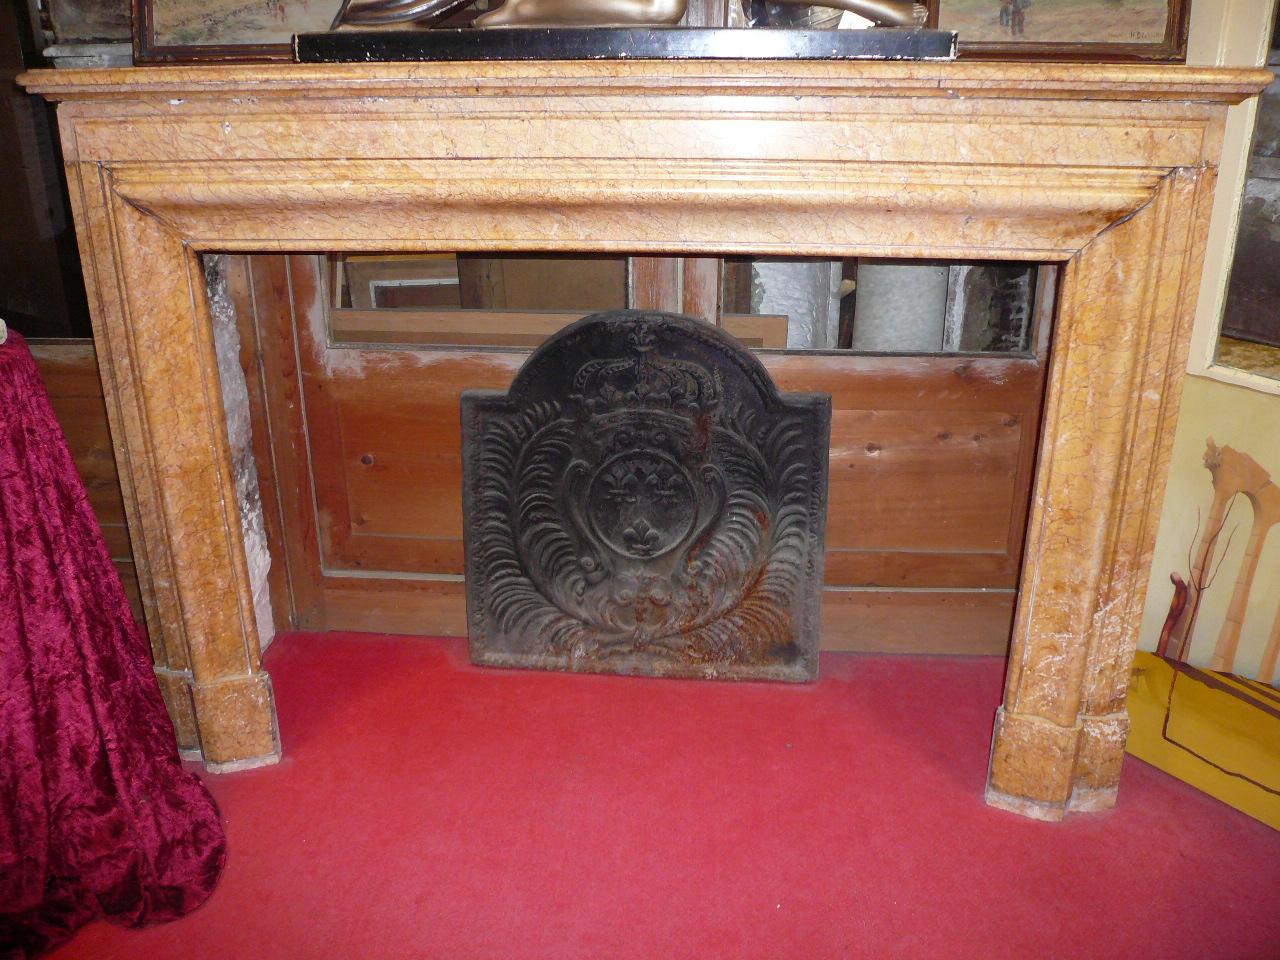 catalogue de chemin es anciennes contient plusieurs dizaines d 39 oeuvres de chemin es en pierre. Black Bedroom Furniture Sets. Home Design Ideas